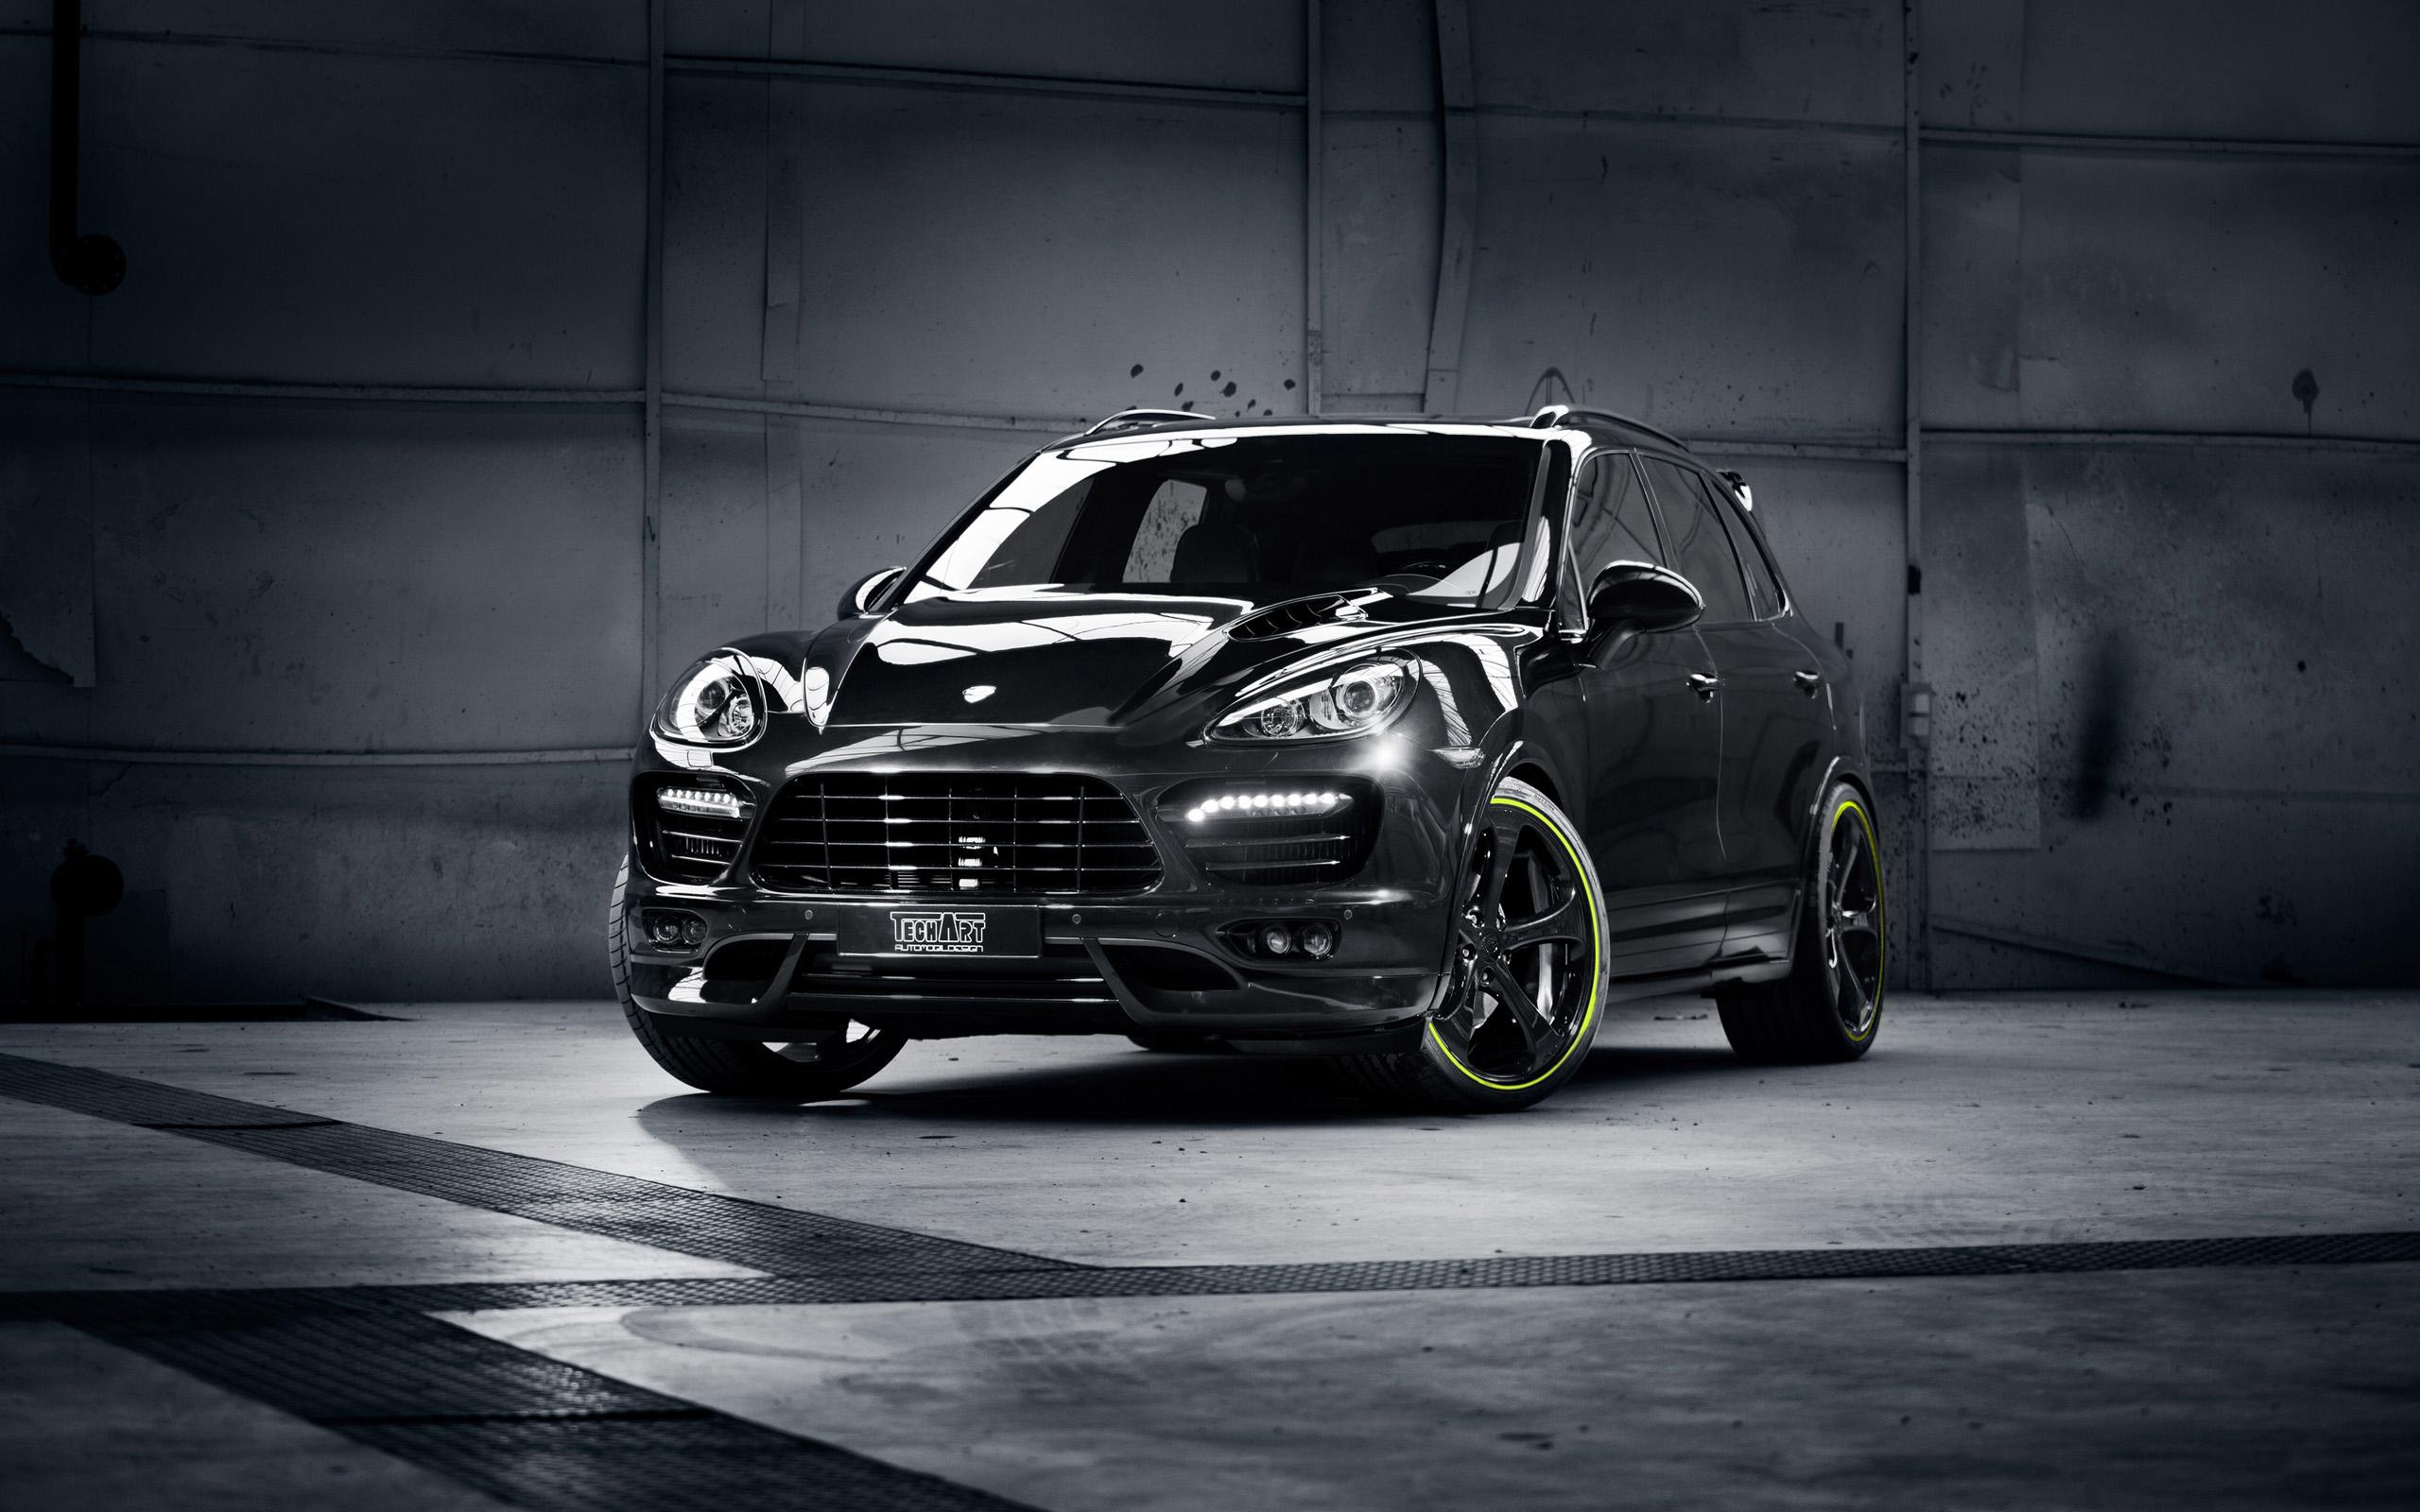 2013 TechArt Porsche Cayenne S Diesel Wallpaper | HD Car ...